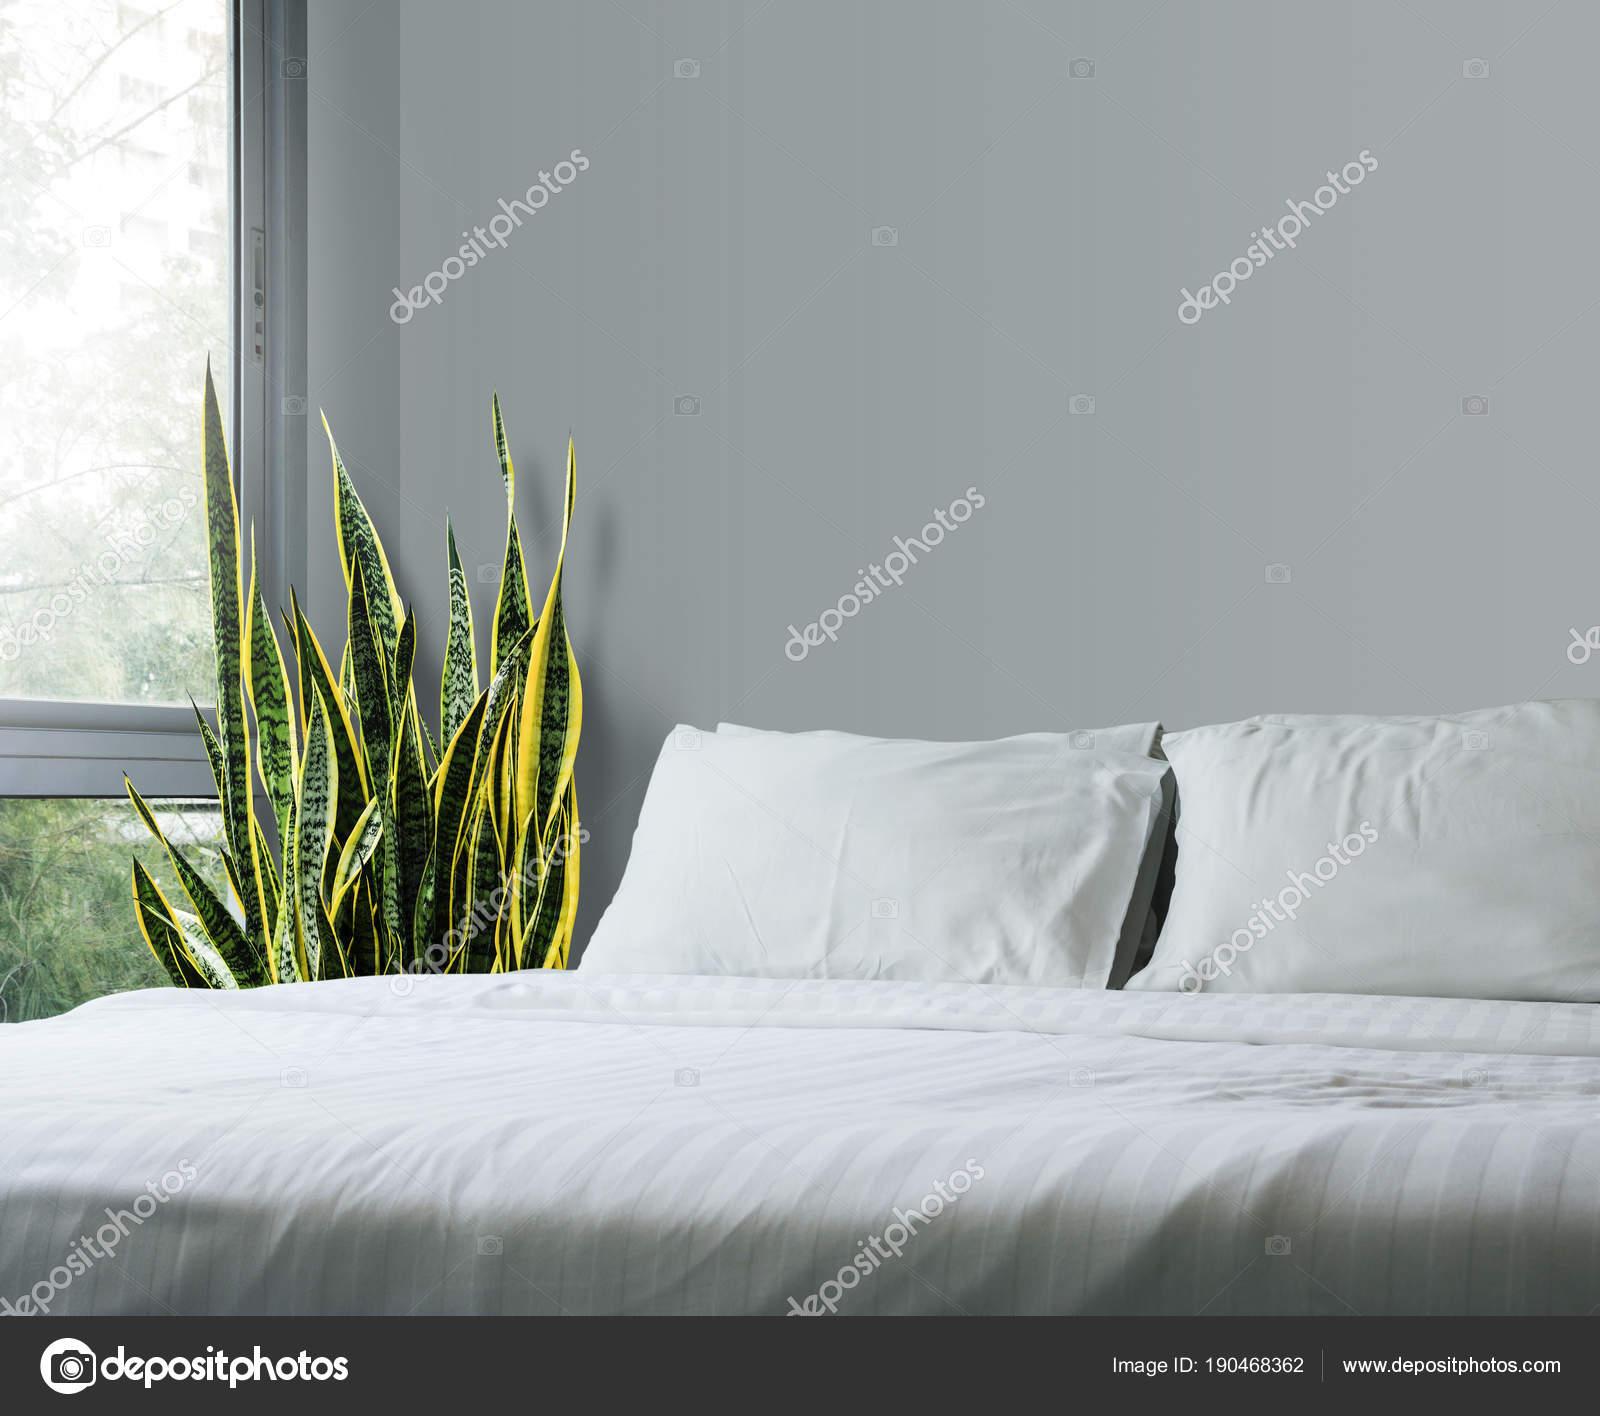 bogenhanf schlafzimmer kopfkissen memory schaum pflanzen im schlafzimmer schimmel bettw sche. Black Bedroom Furniture Sets. Home Design Ideas